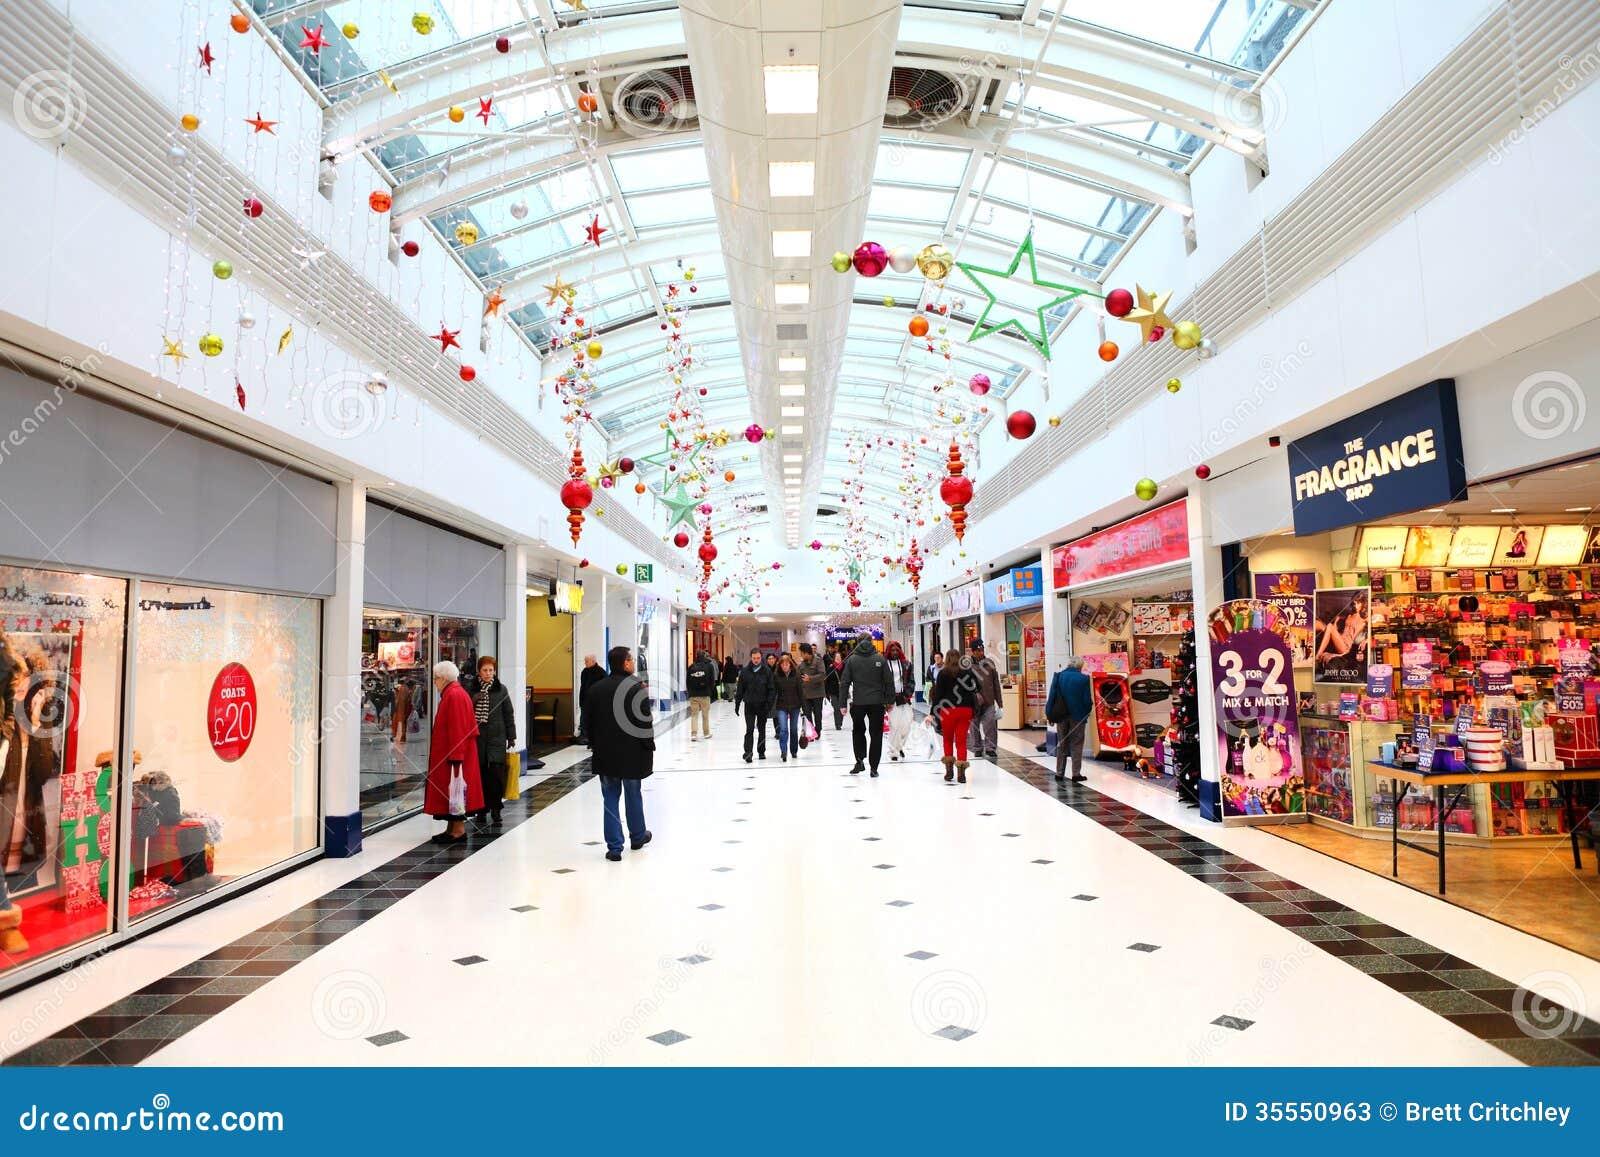 #AA2421 Décorations De Noël Dans Le Centre Commercial Photo Stock  5363 decorations de noel centre commercial 1300x957 px @ aertt.com